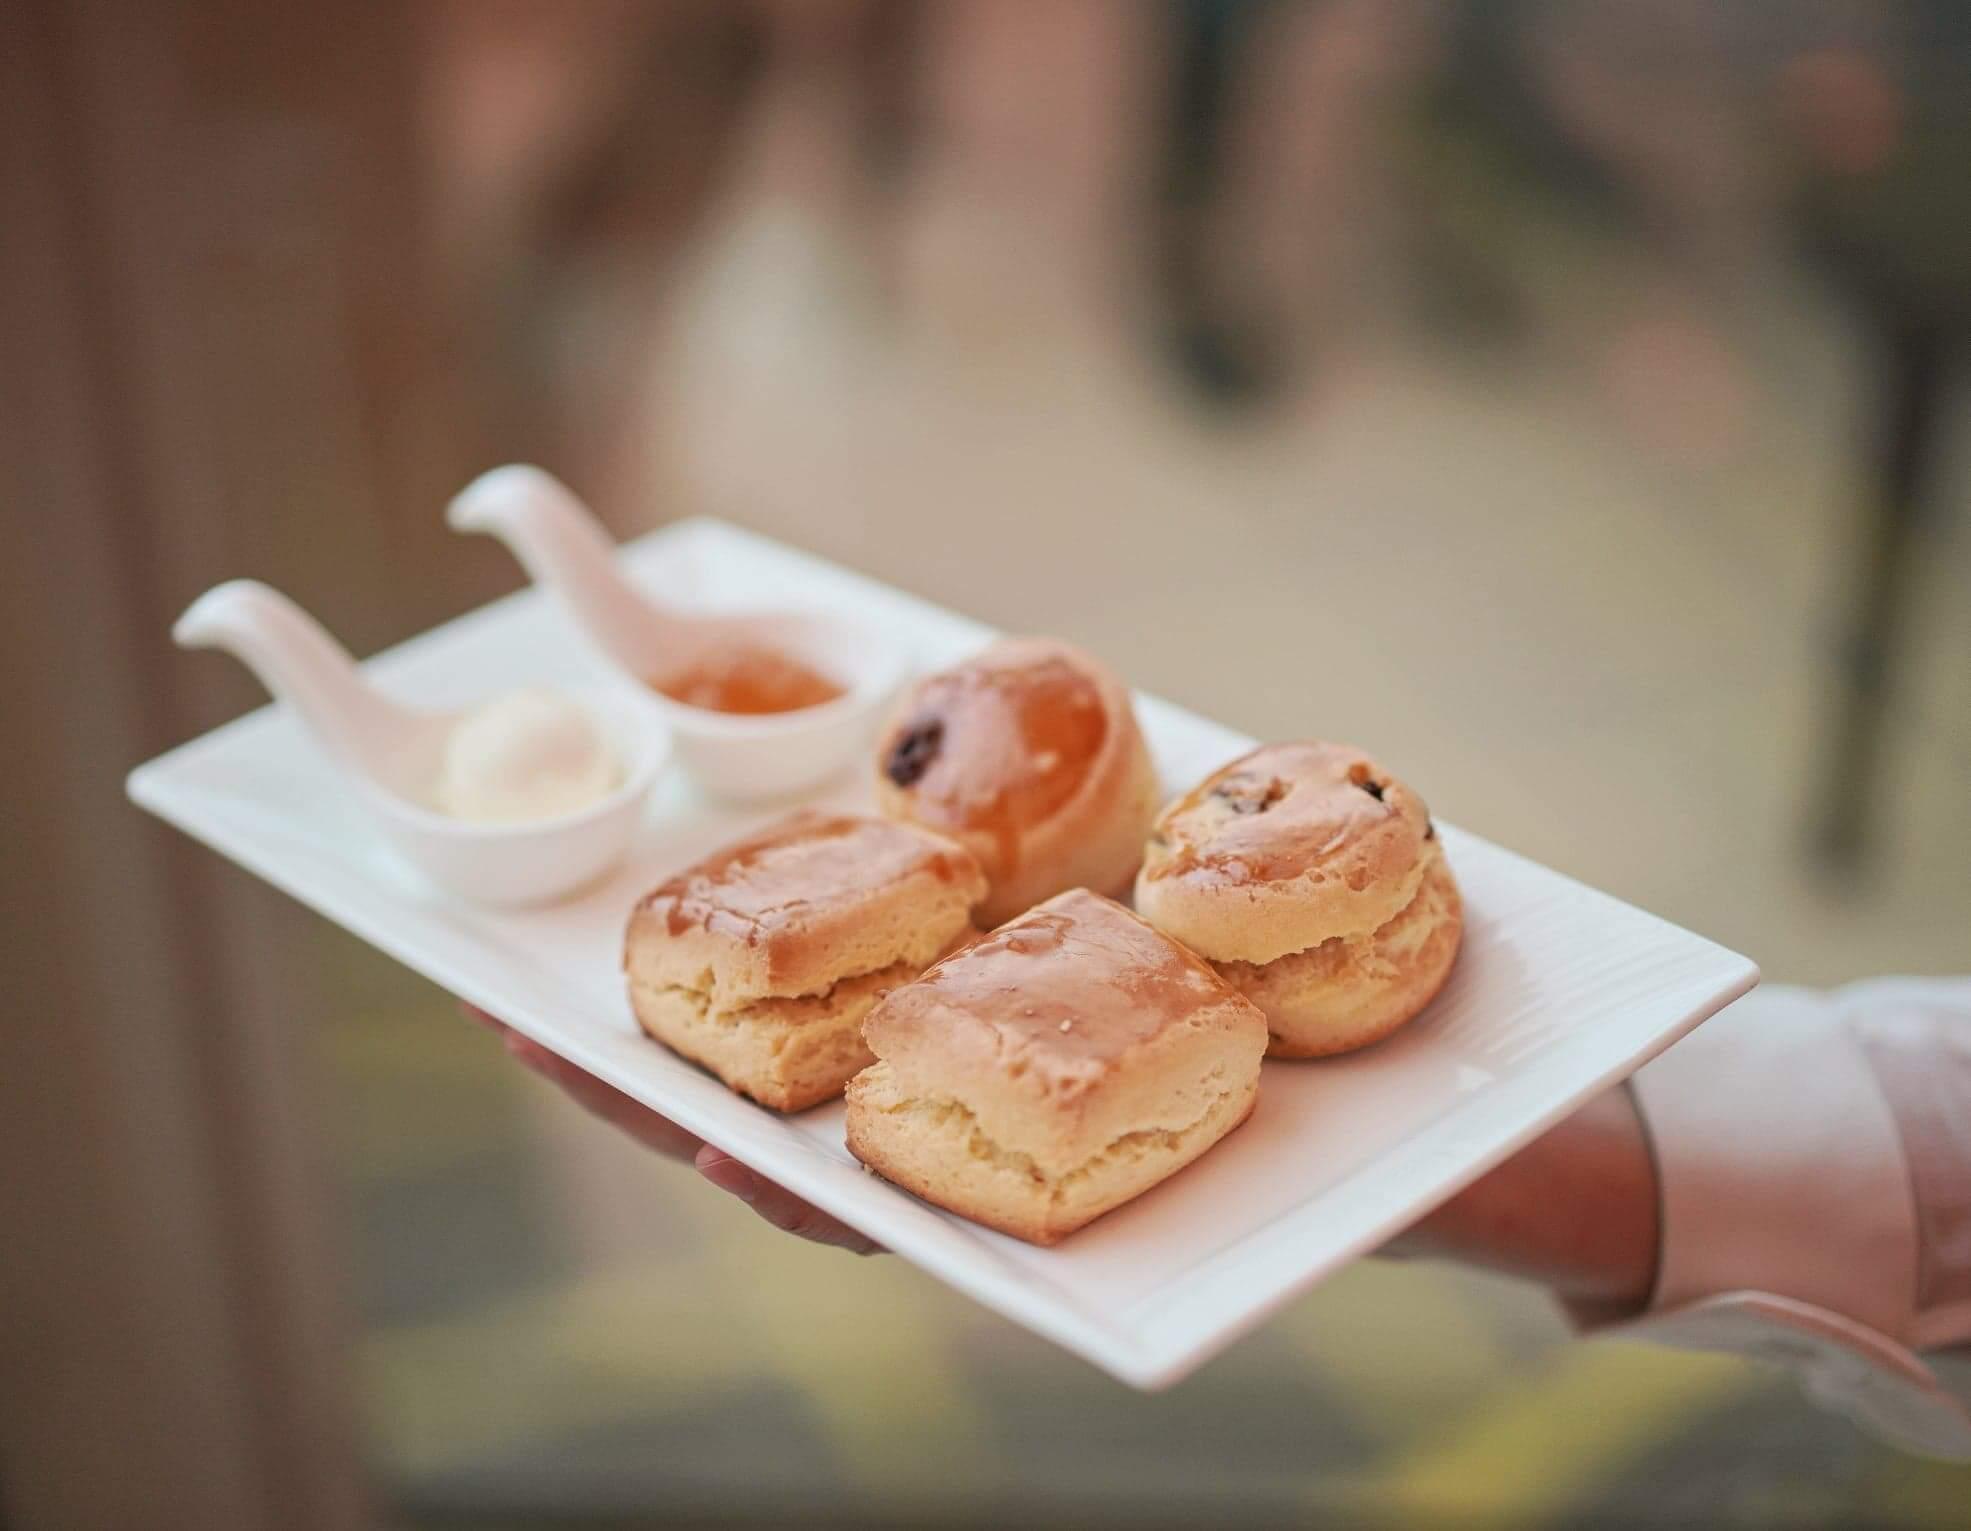 經典鬆餅及提子鬆餅配自家柑橘醬及忌廉